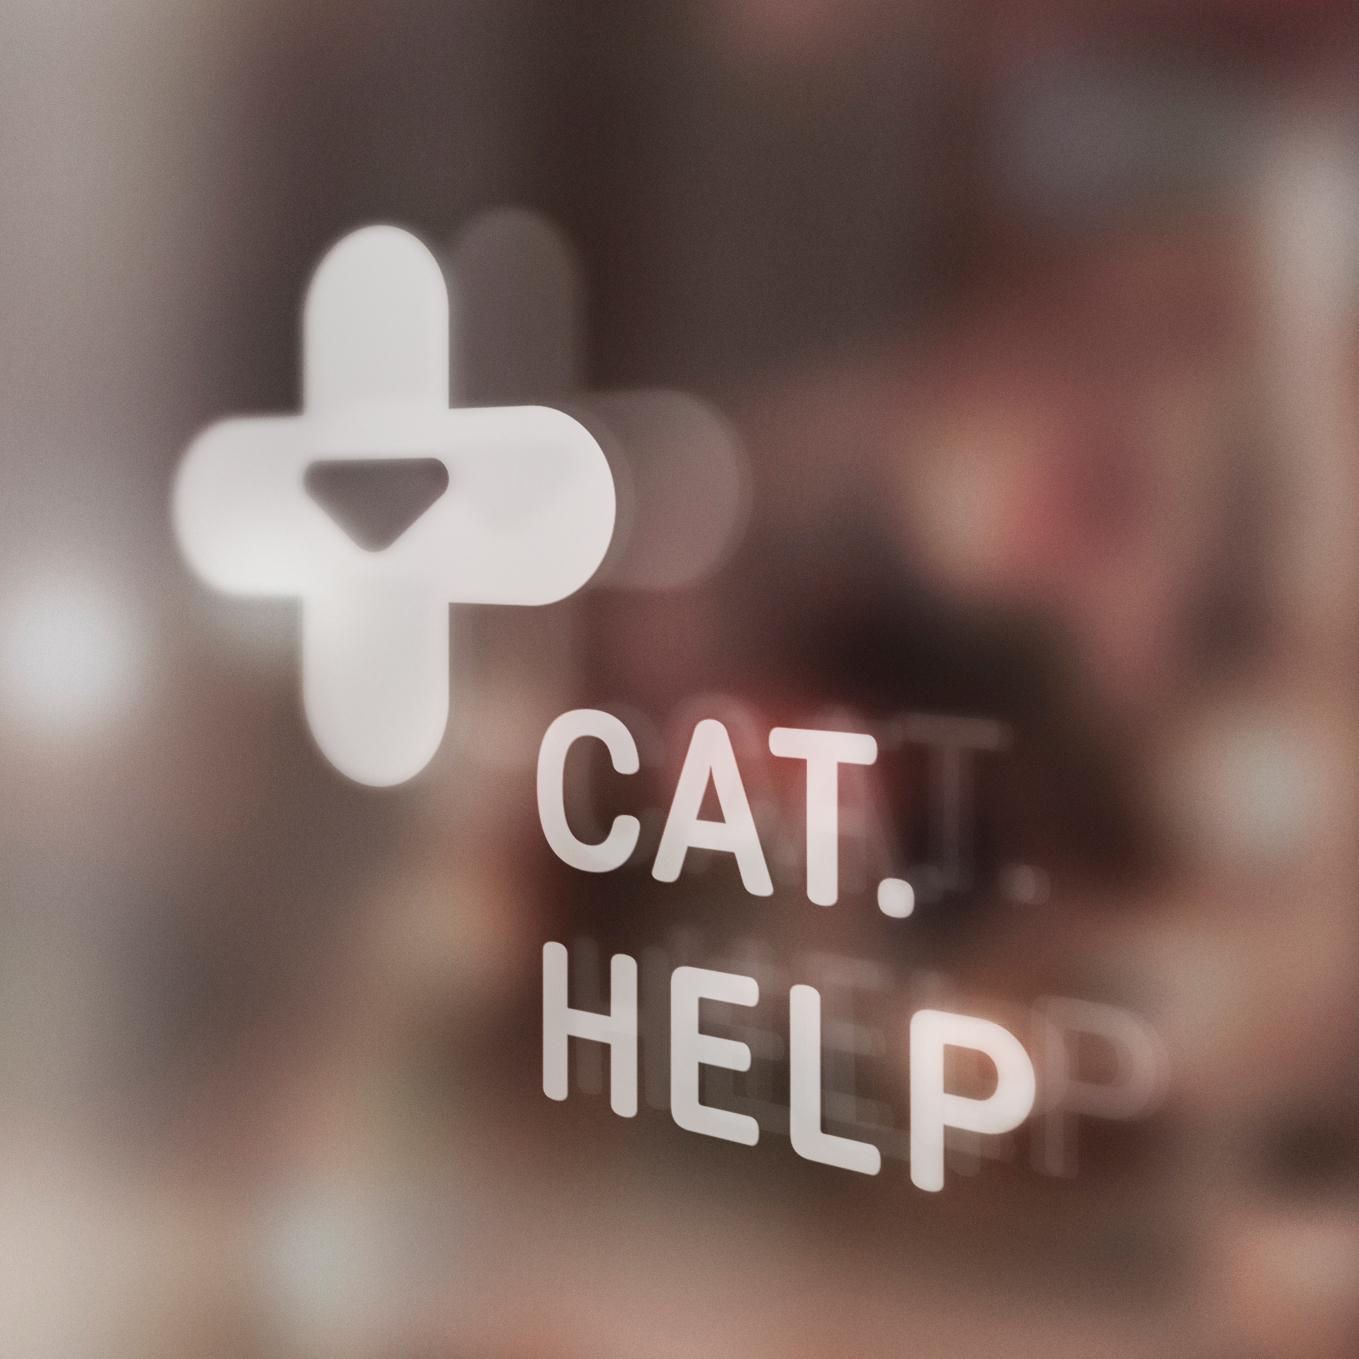 логотип для сайта и группы вк - cat.help фото f_90359d9c7ea2328e.jpg